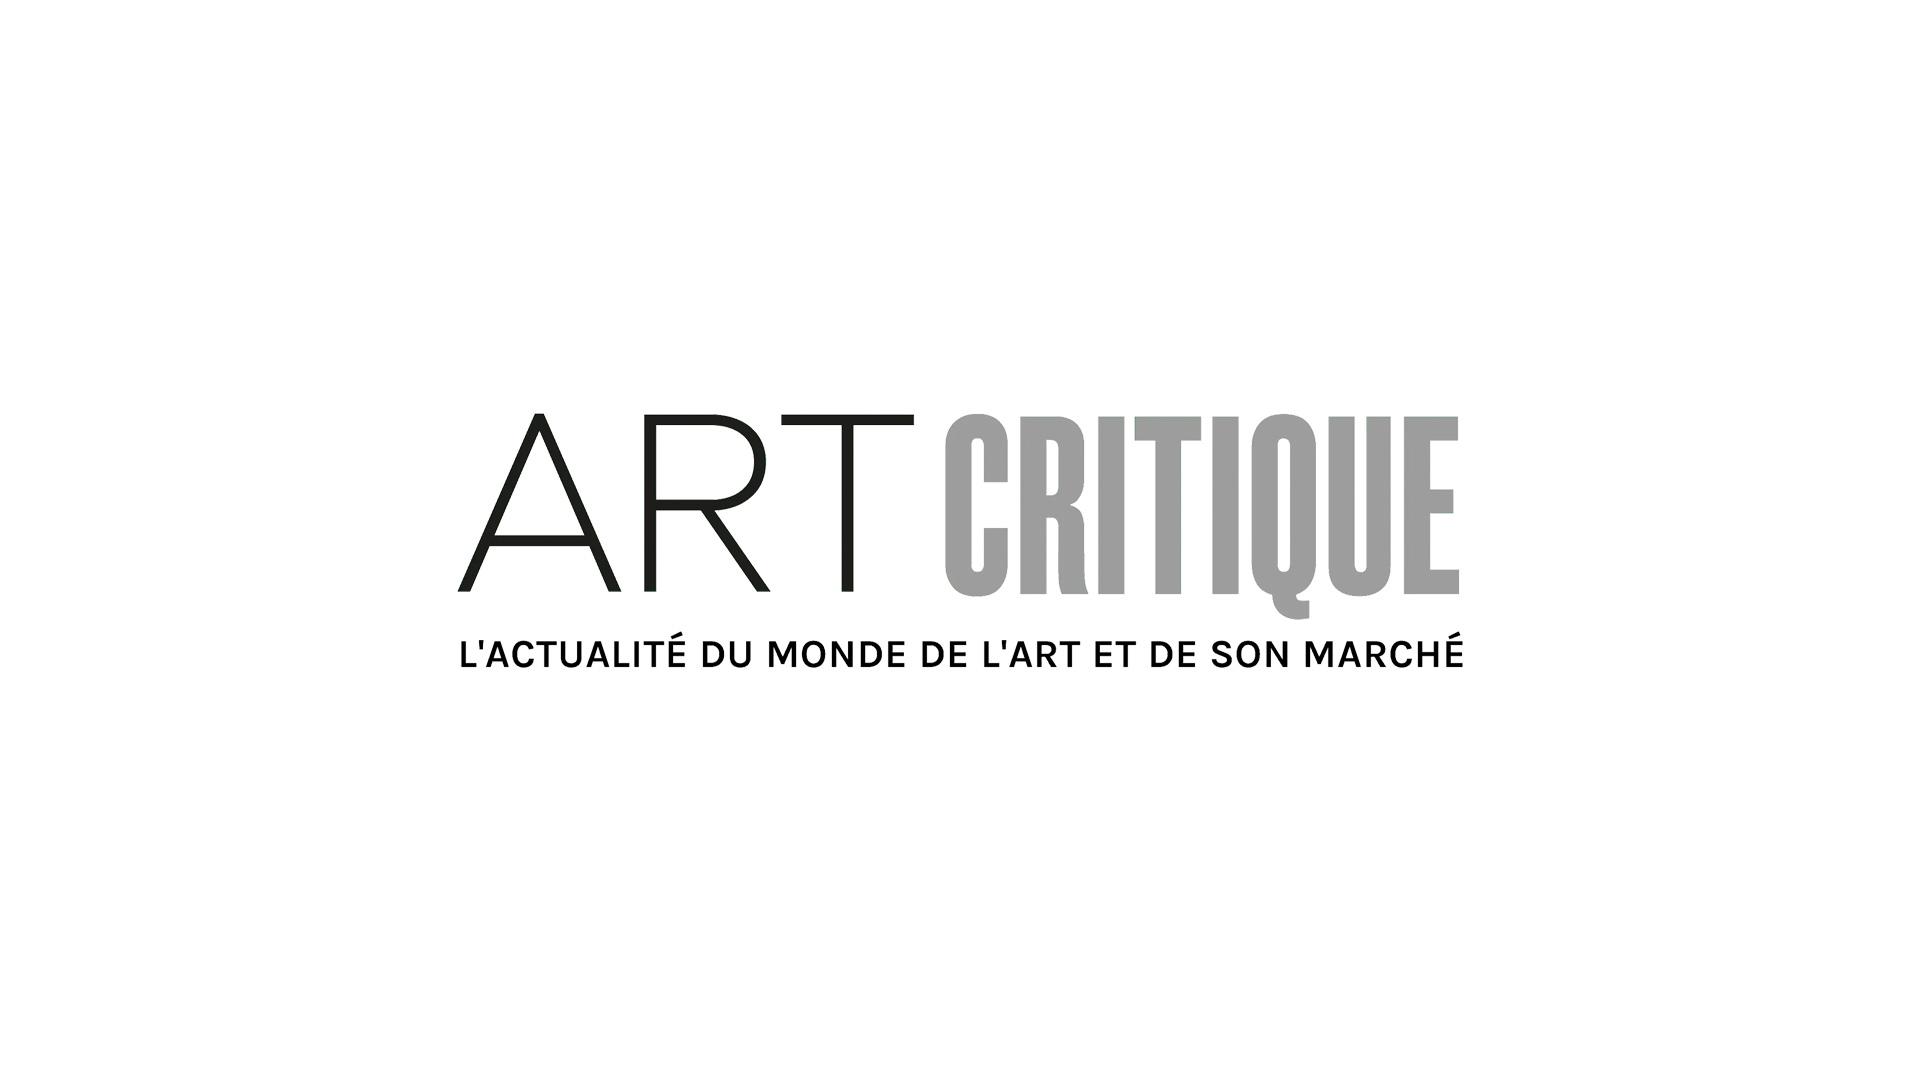 Raymond Depardon nous commente l'exposition qui le consacre